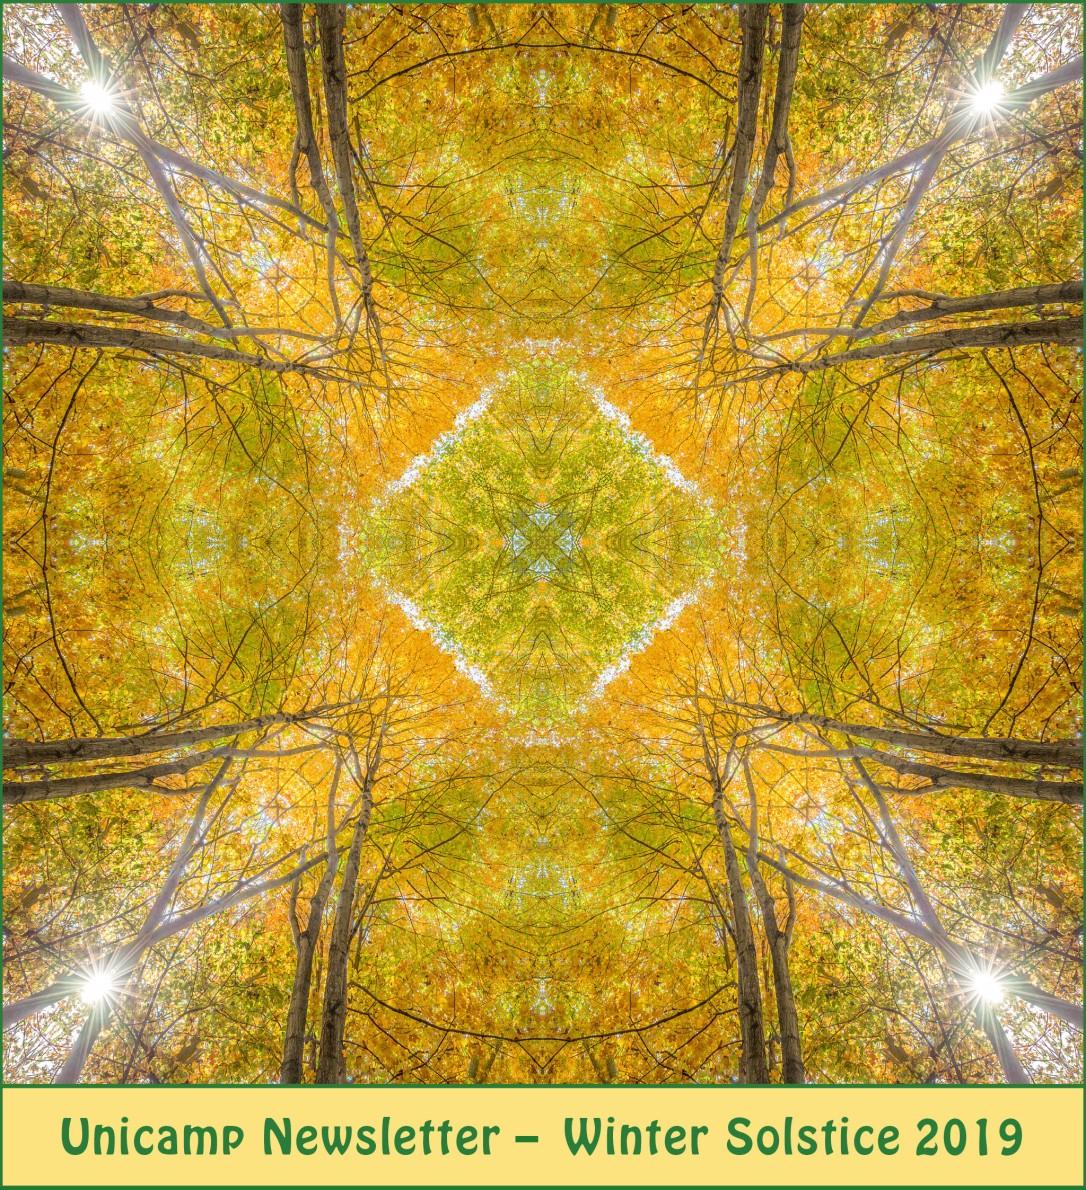 winter solstice 2019 web banner 2k